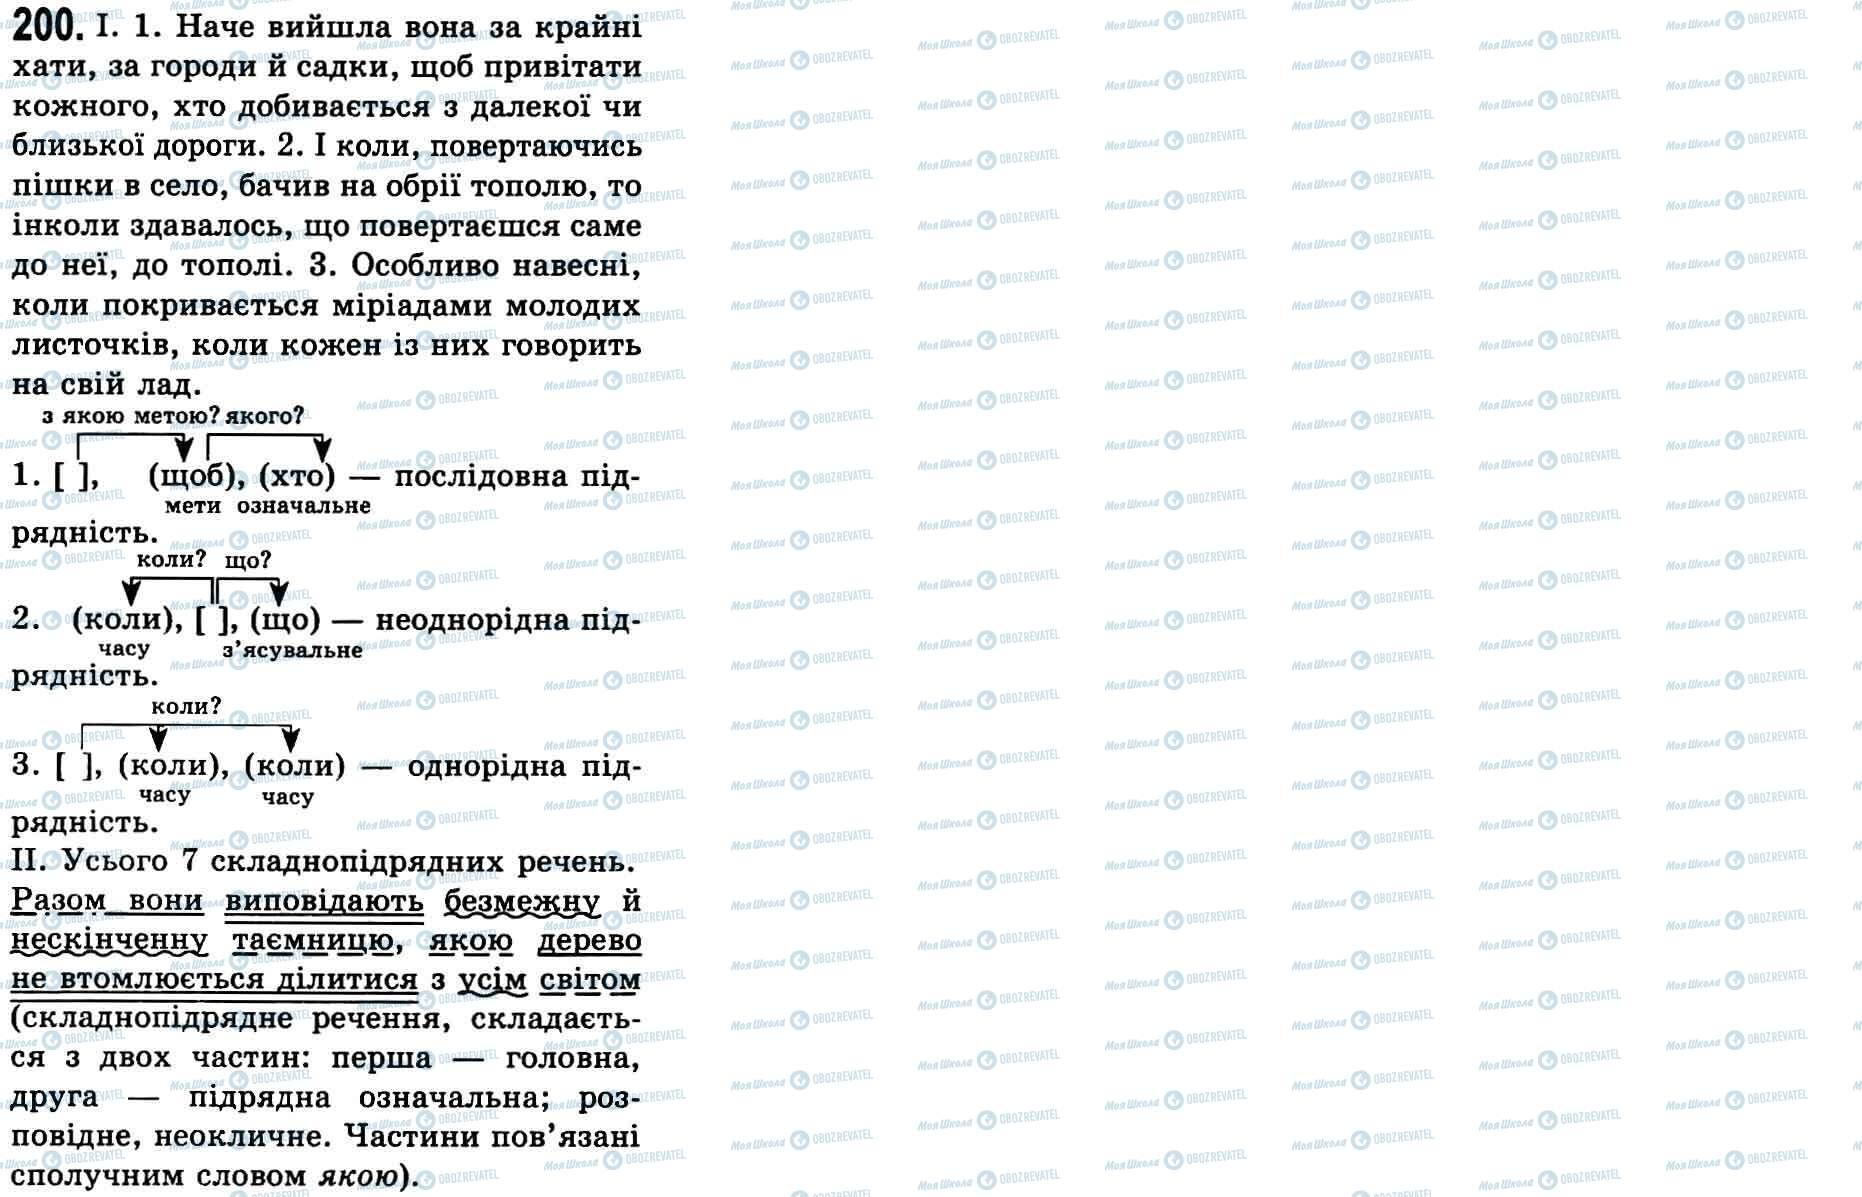 ГДЗ Українська мова 9 клас сторінка 200